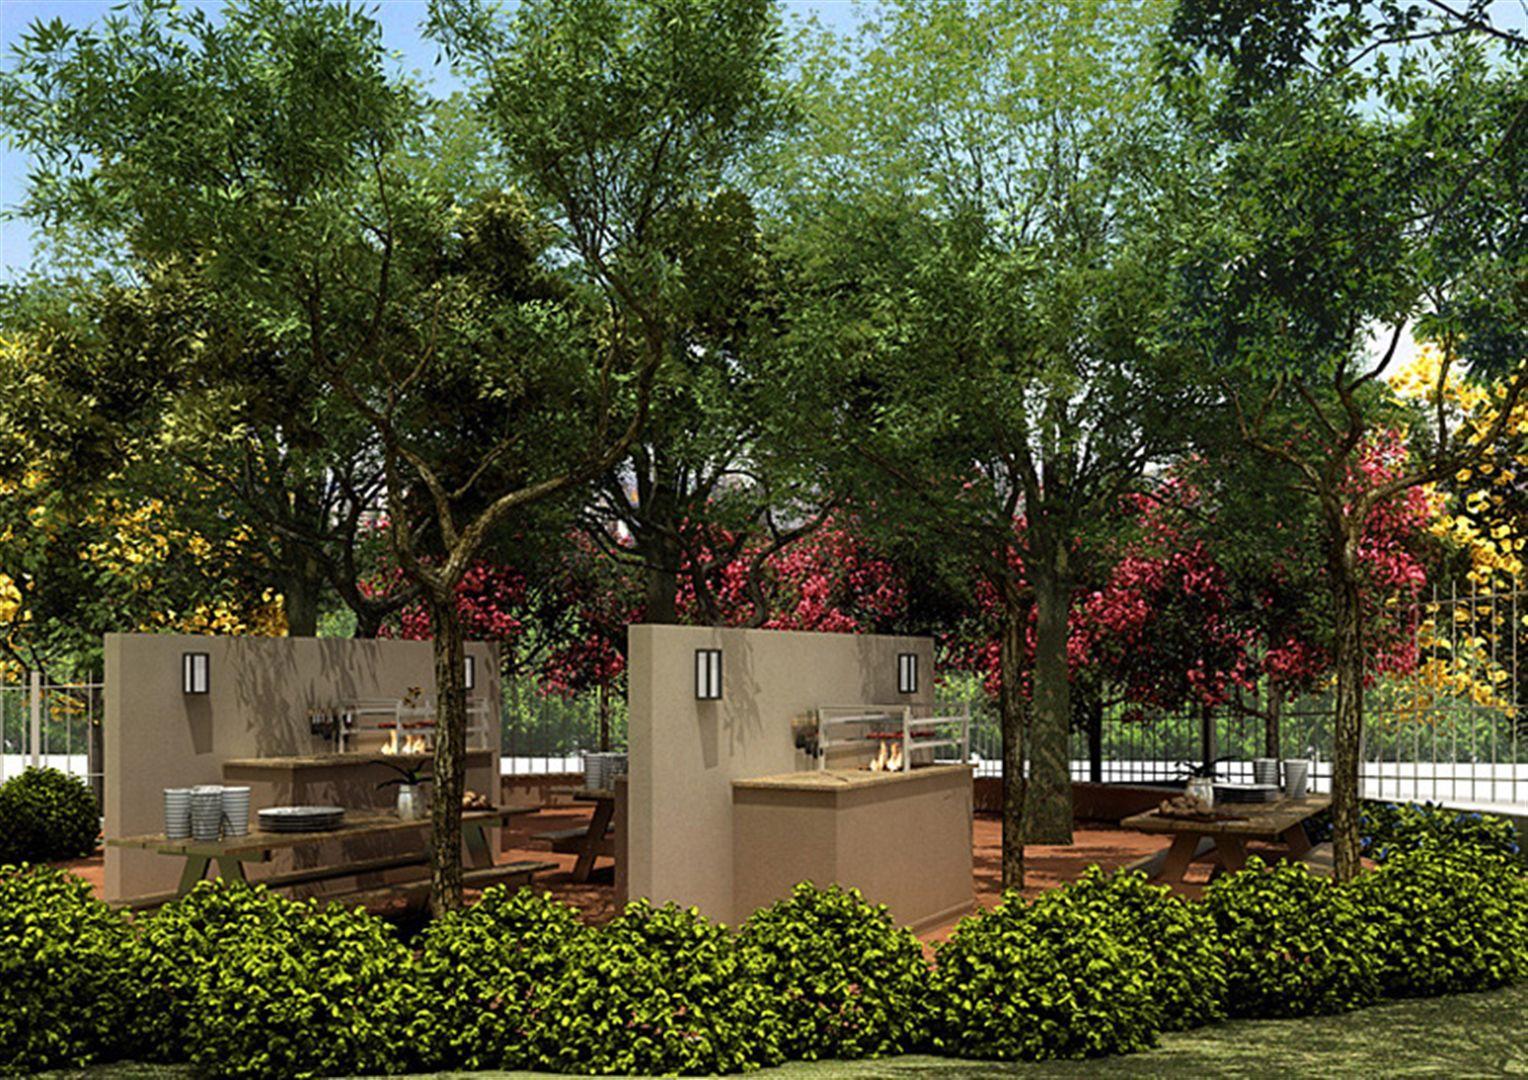 Lazer | Villa Mimosa Vita Insolaratta – Apartamentono  Centro - Canoas - Rio Grande do Sul